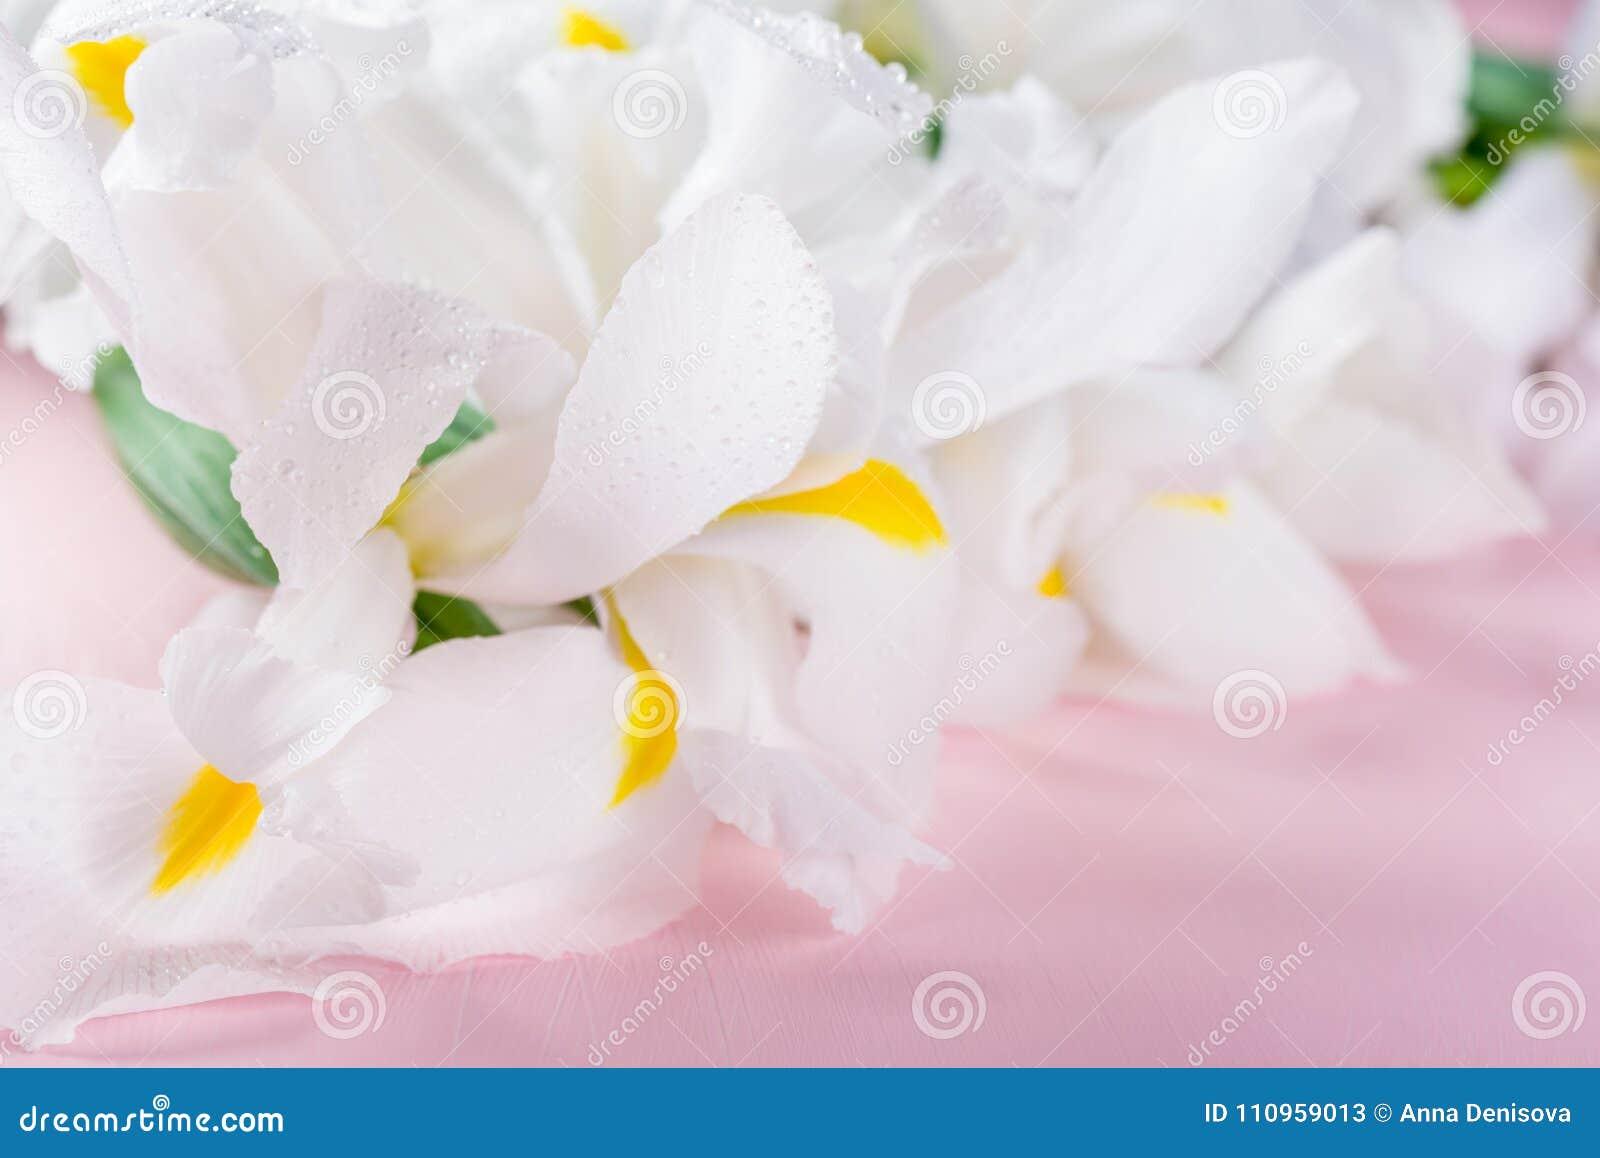 Beautiful white iris flowers on pink background stock image image beautiful white iris flowers on pink background stock image image of germanica macro 110959013 izmirmasajfo